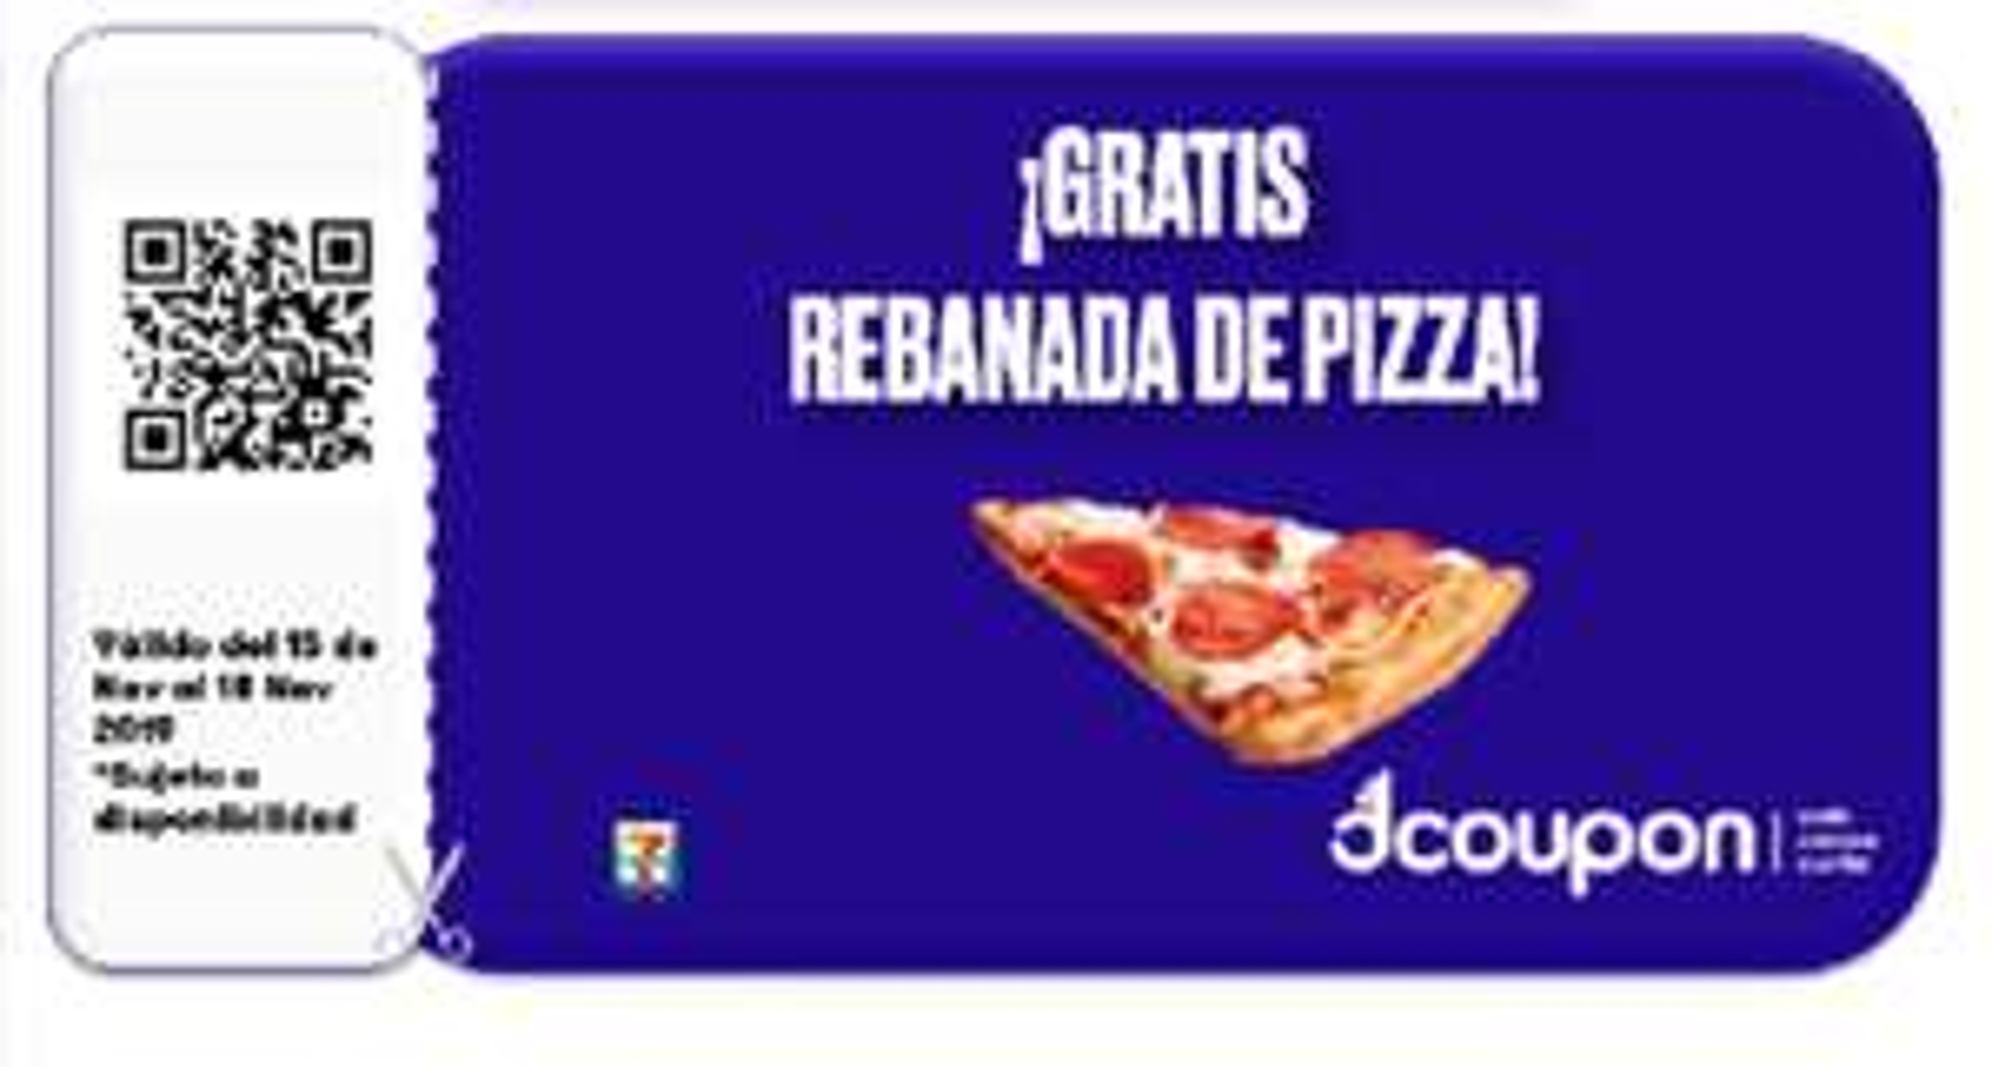 El Buen Fin 2019 en 7 Eleven: 2 REBANADA DE PIZZA GRATIS (HASTA UNA PIZZA COMPLETA GRATIS) (Dcoupon)